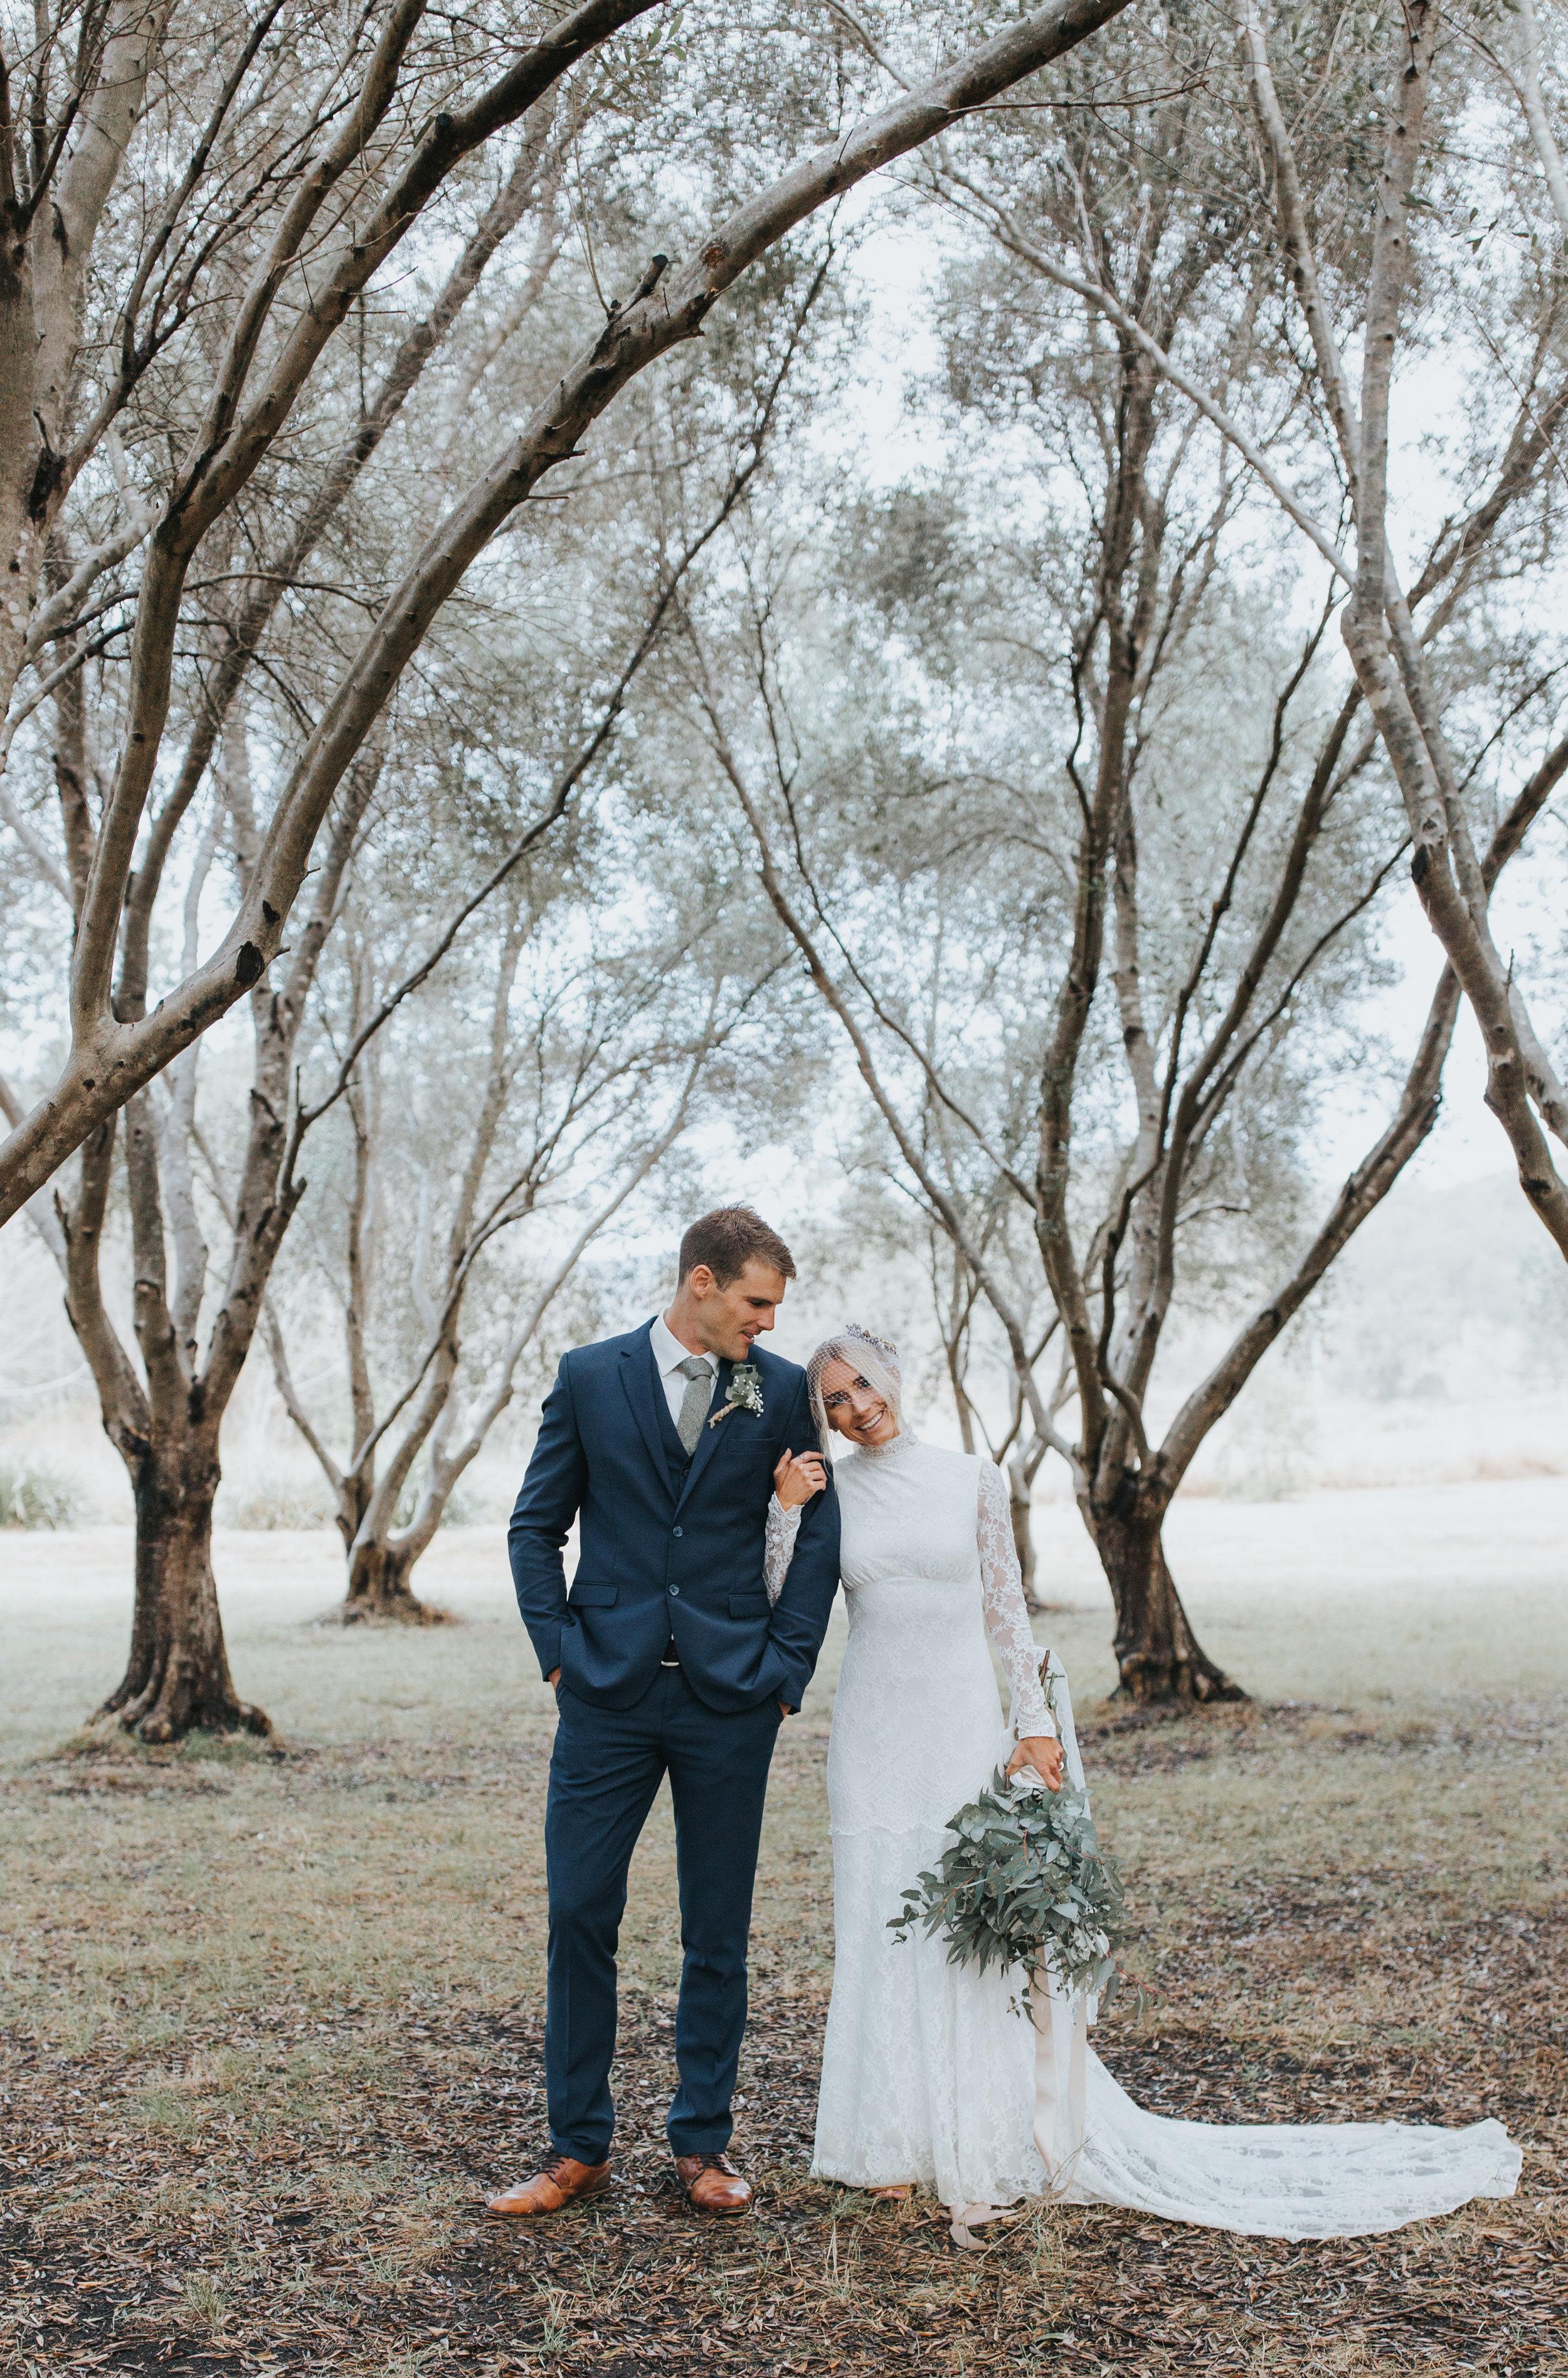 Dave & Nikki - weddings